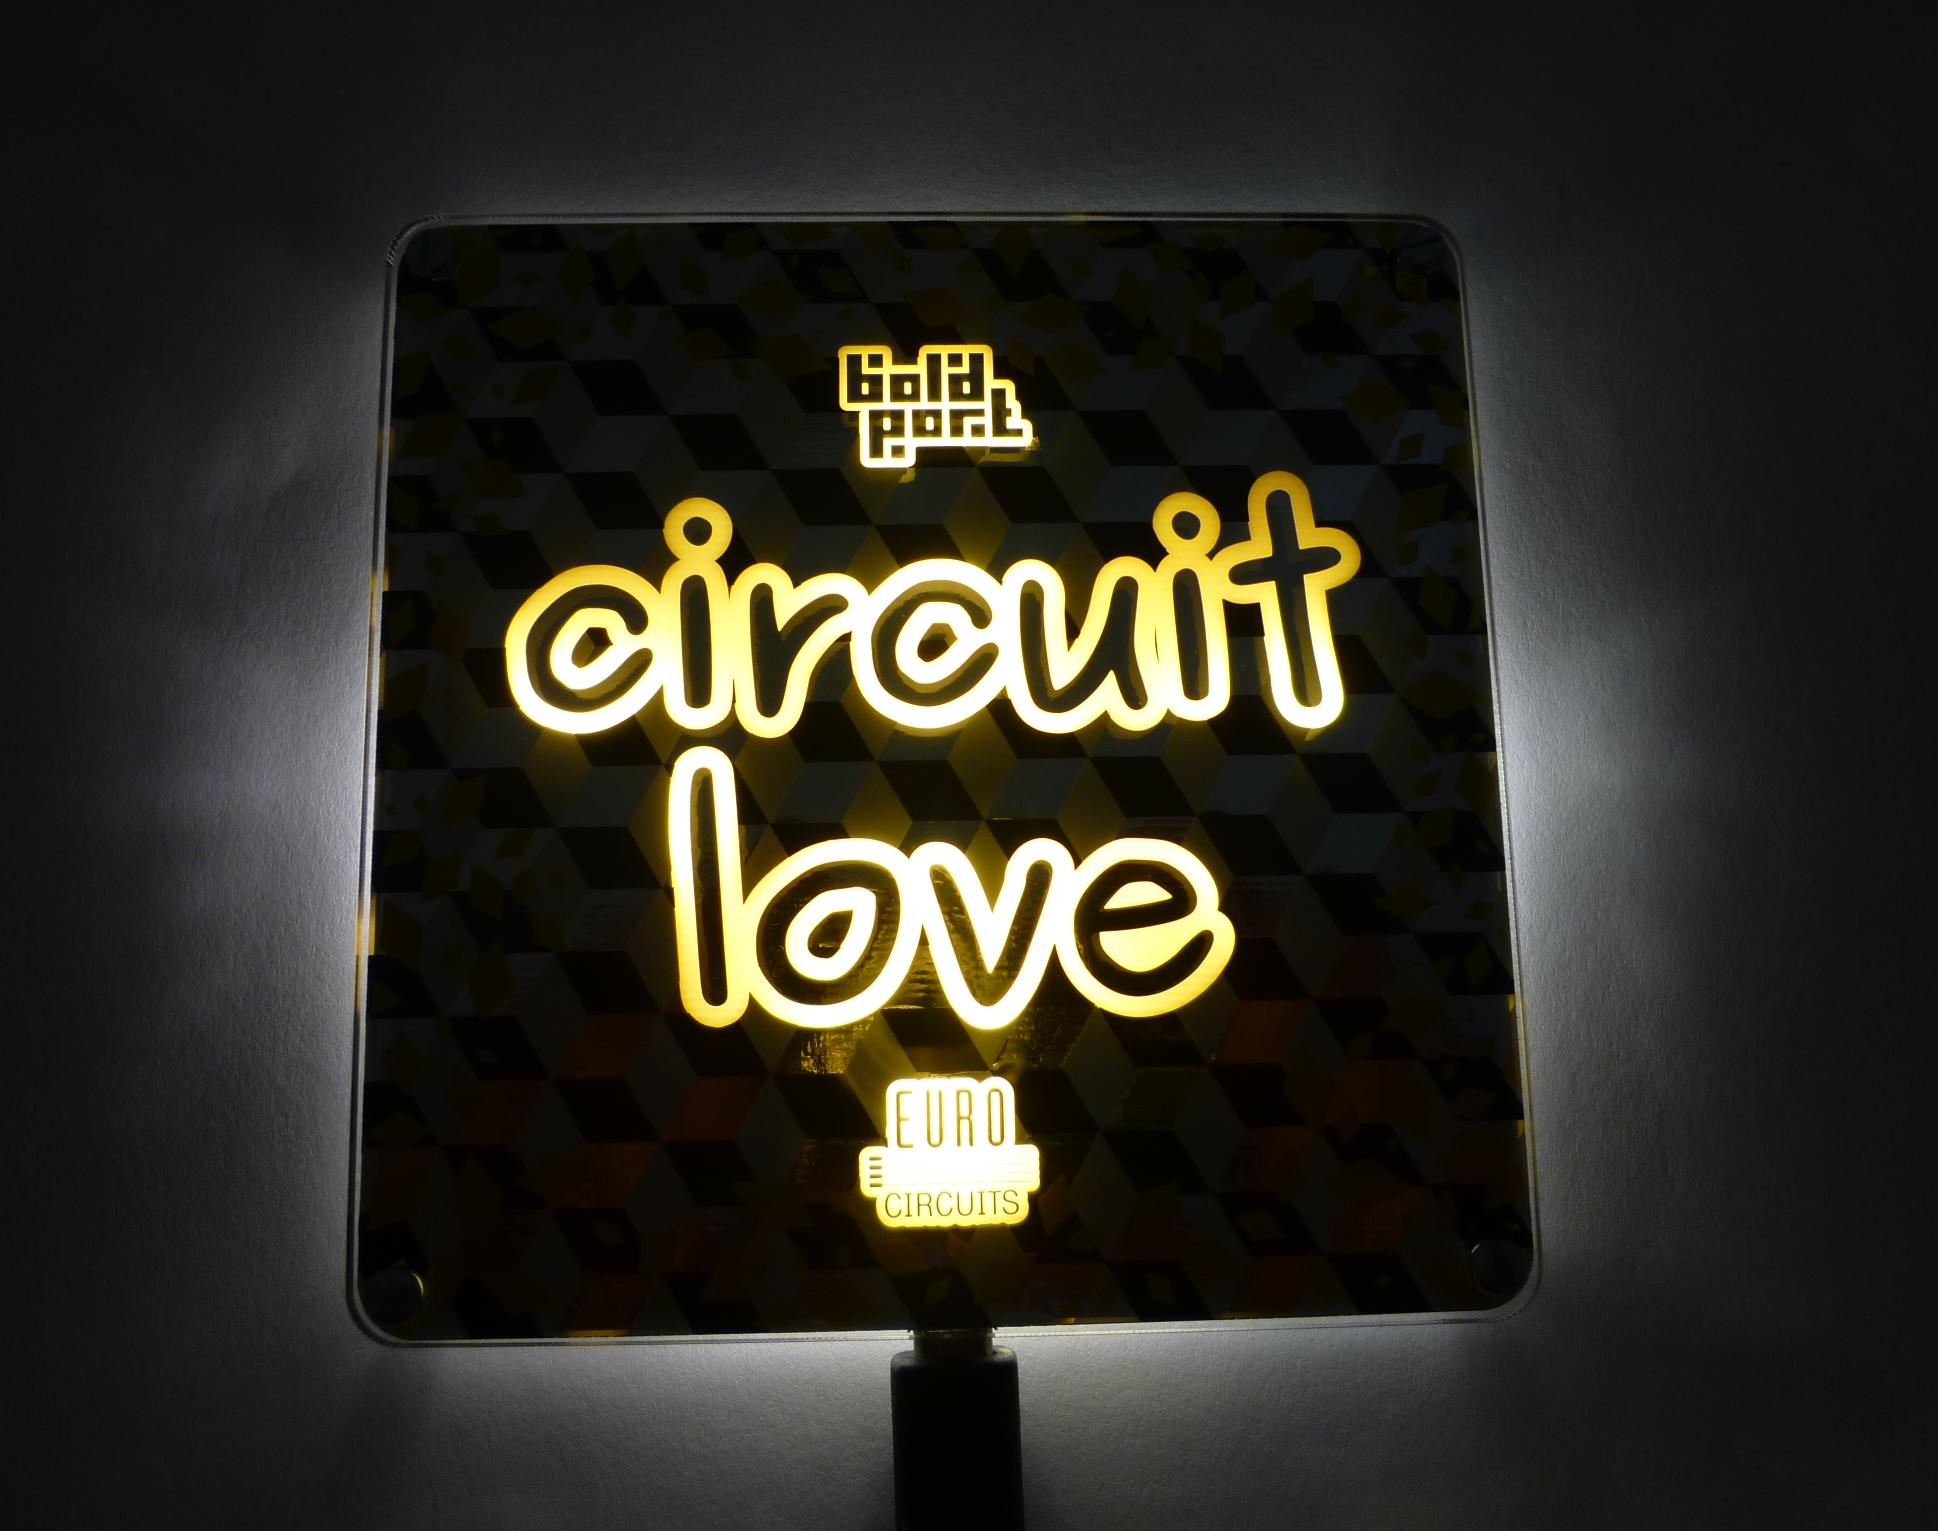 circuitlove-yellow-top-usb.png